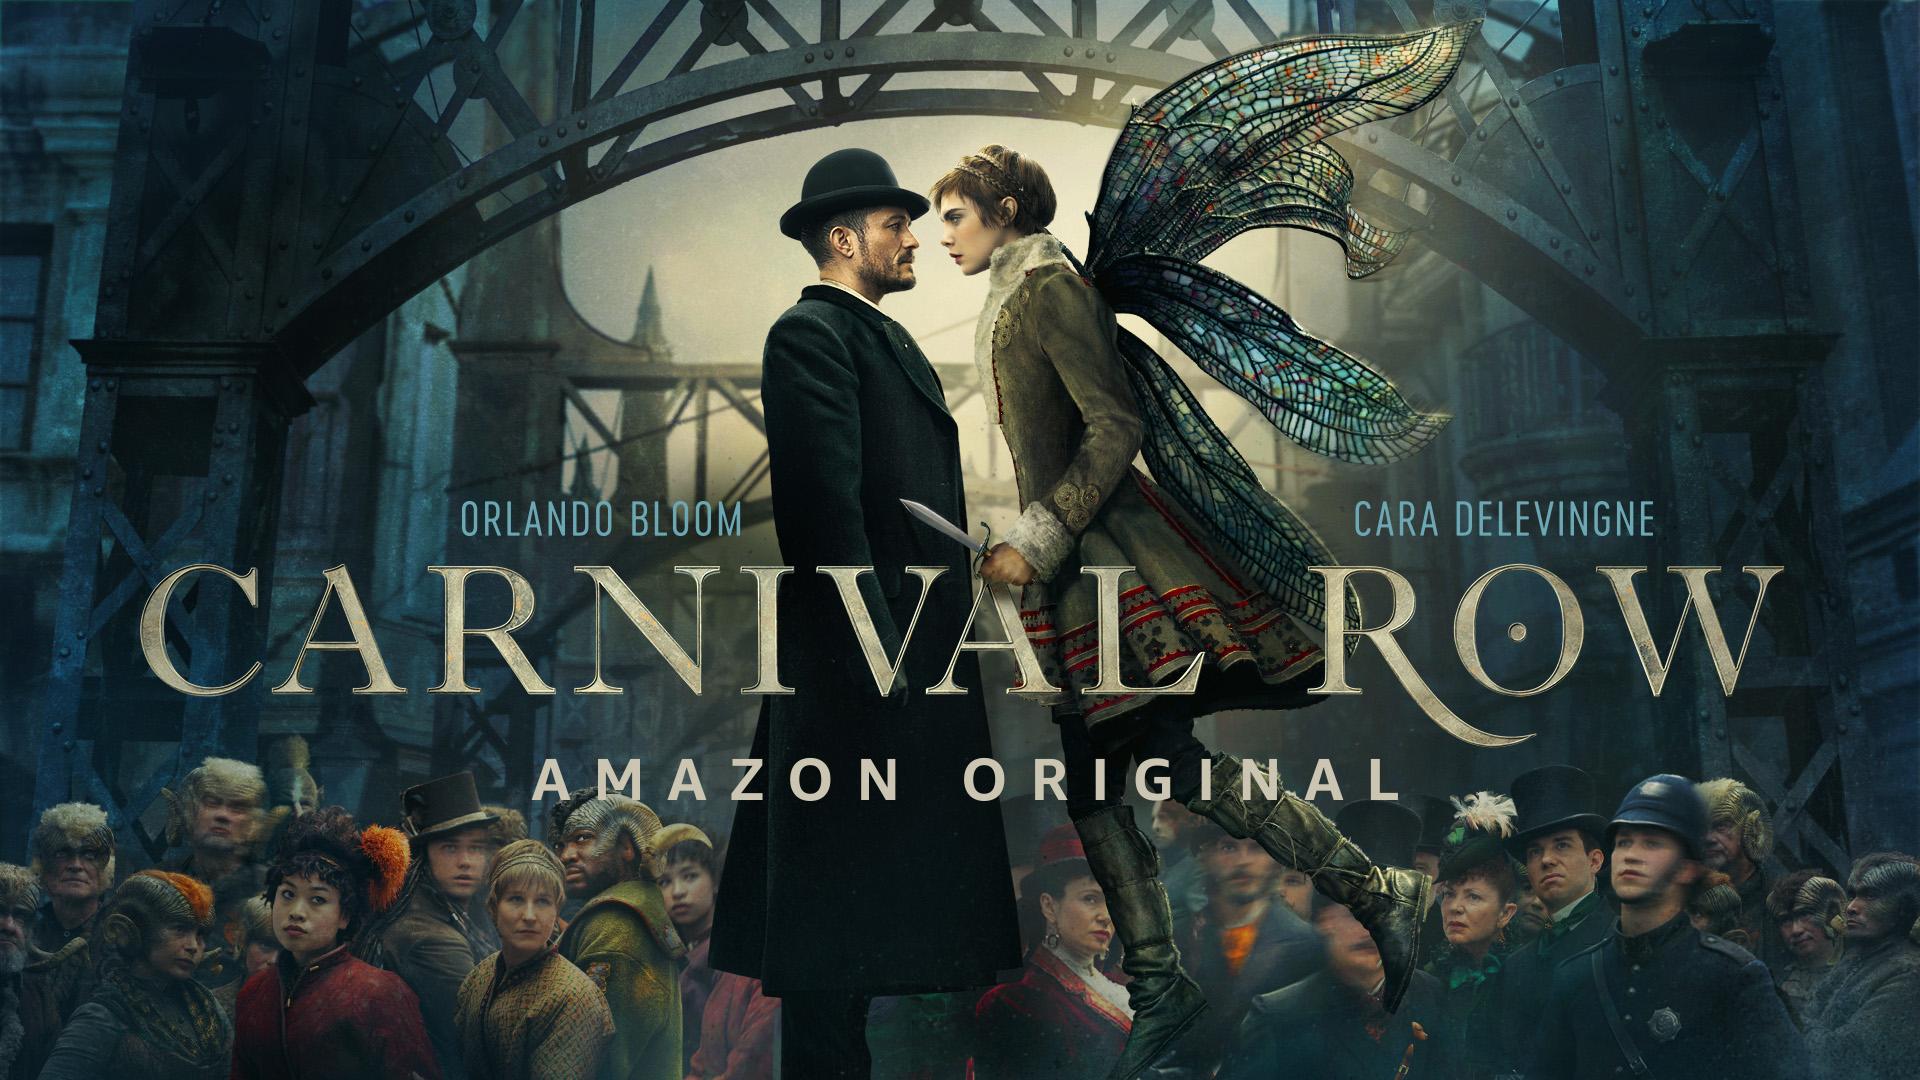 La serie de fantasía Carnival Row de Amazon obtiene lanzamiento y teaser tráiler